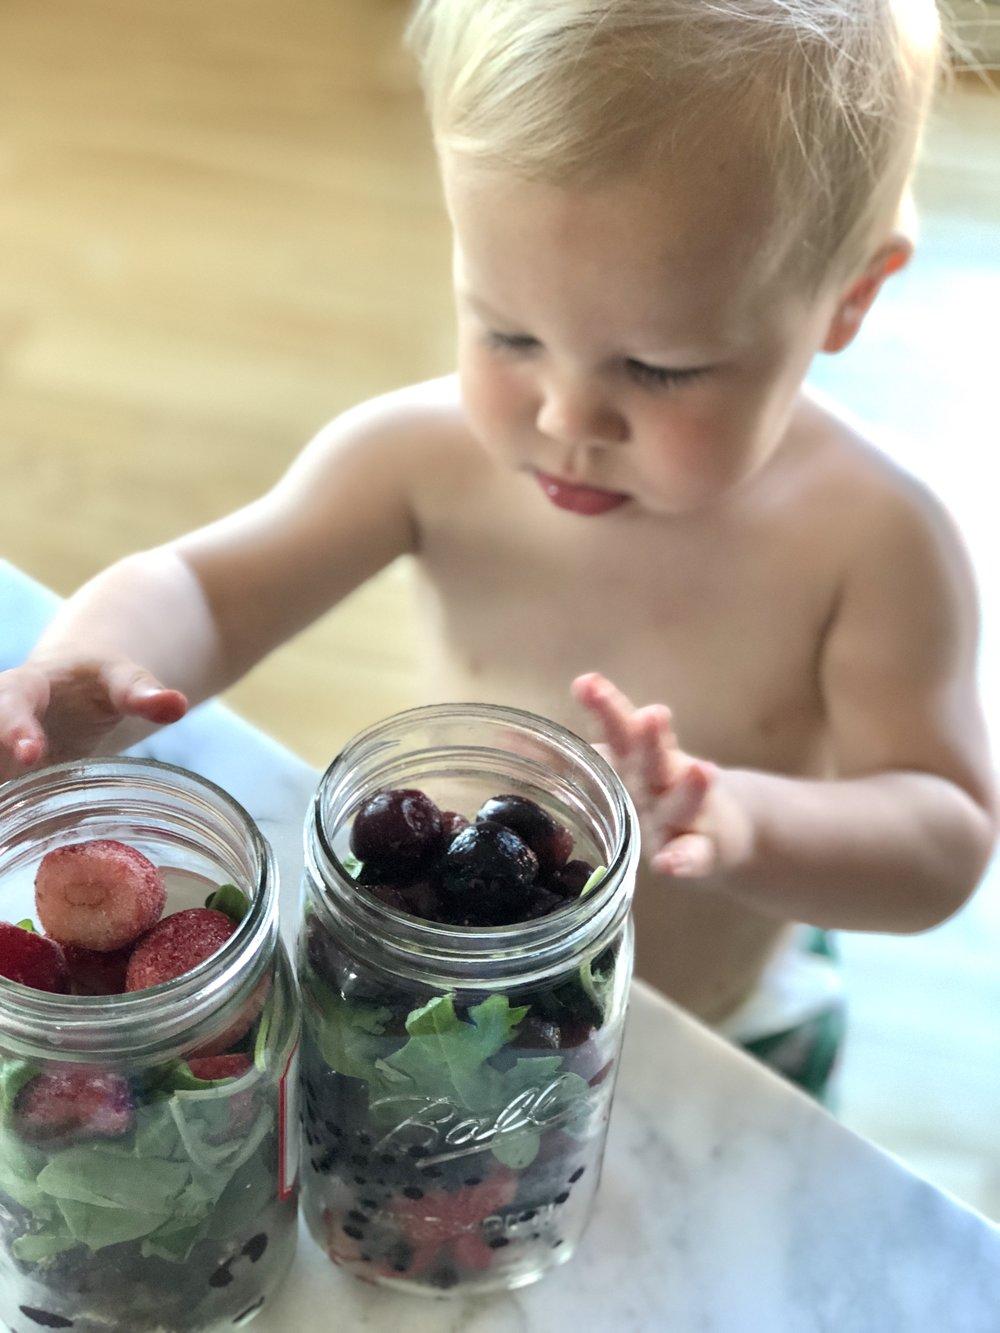 dalton smoothie jars.jpg